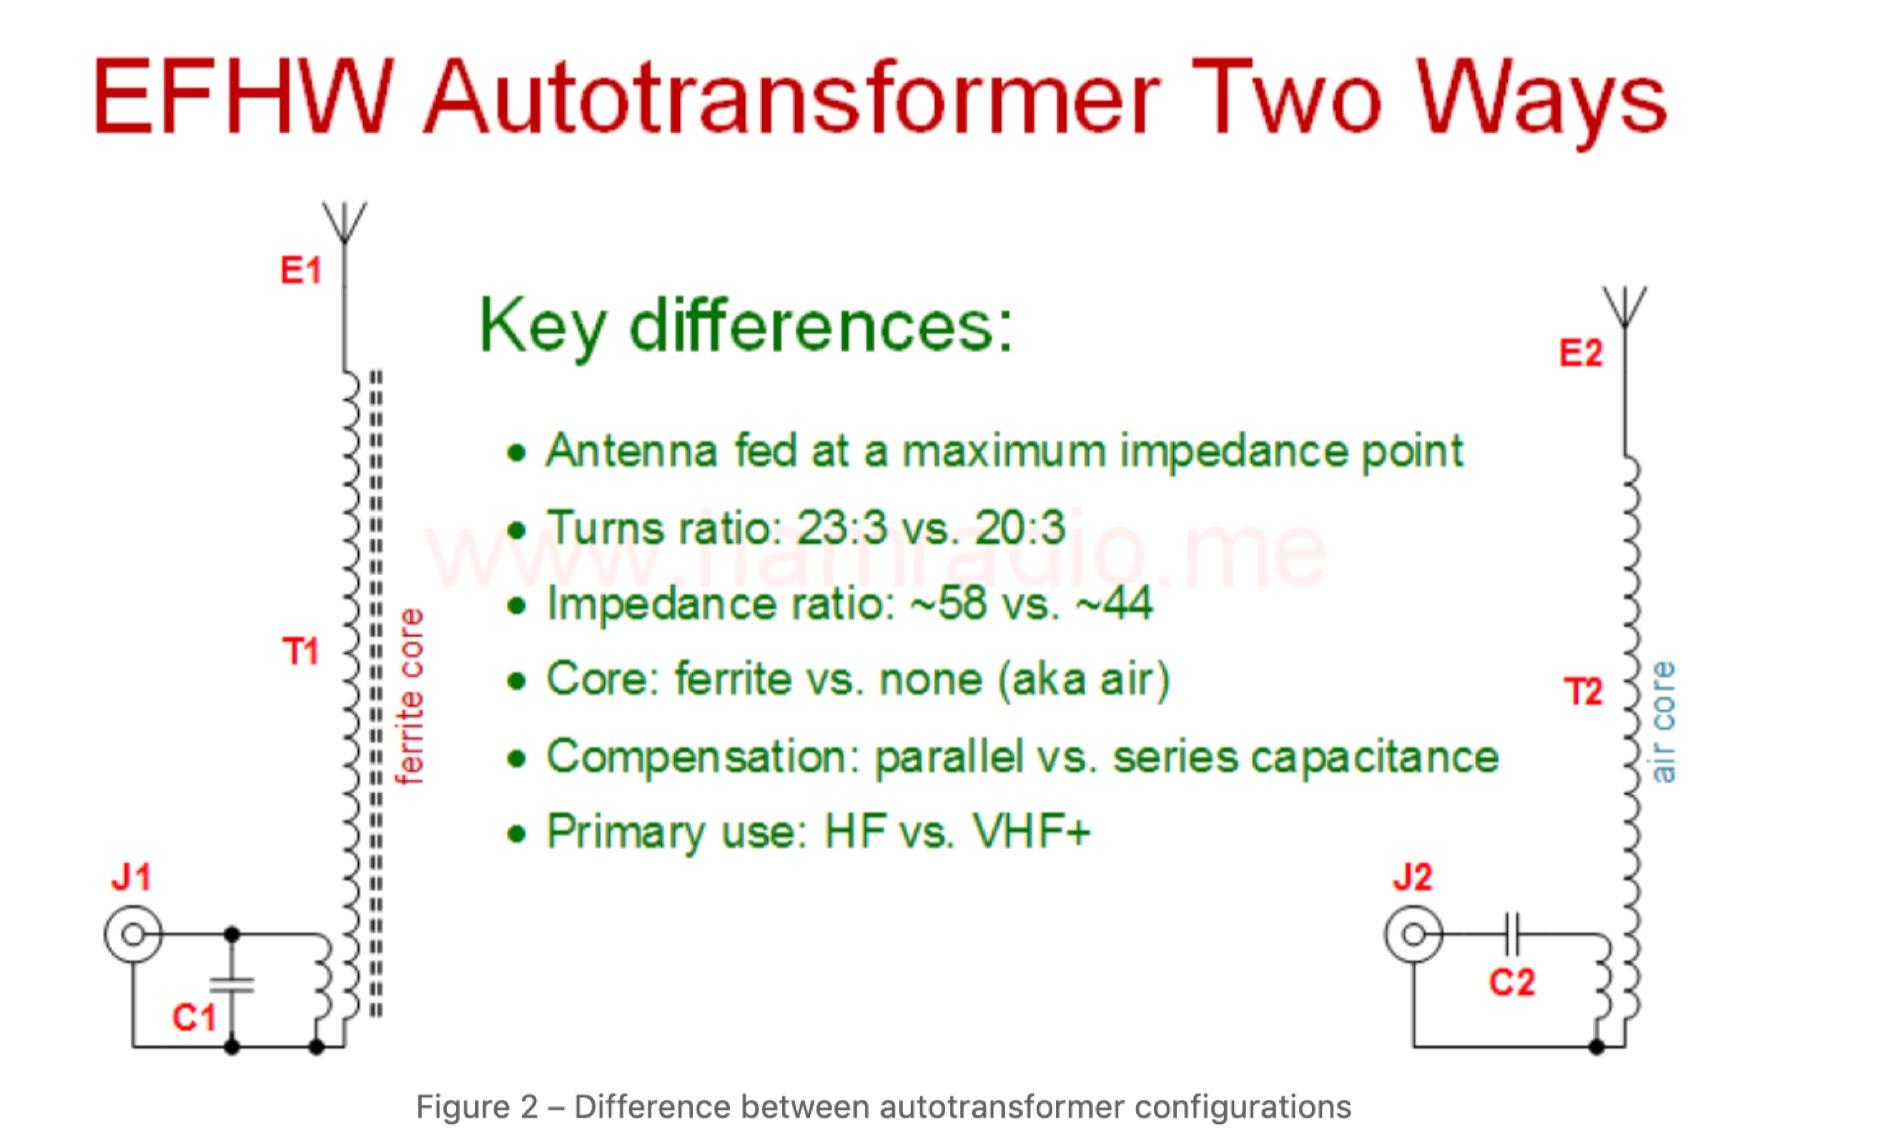 EFHW autotransformer comparison